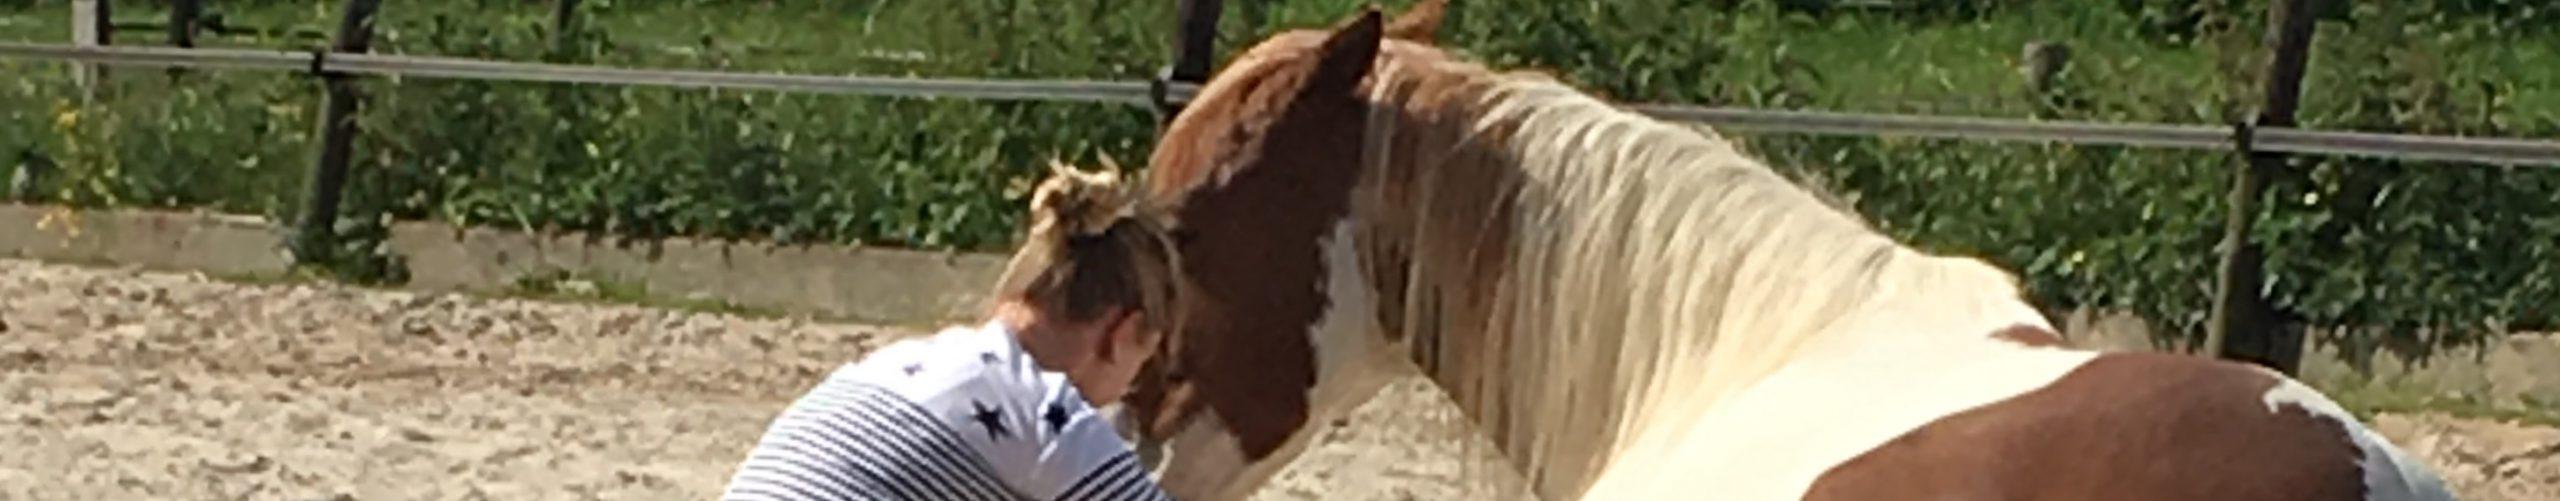 Spegelwurk – coaching met paarden